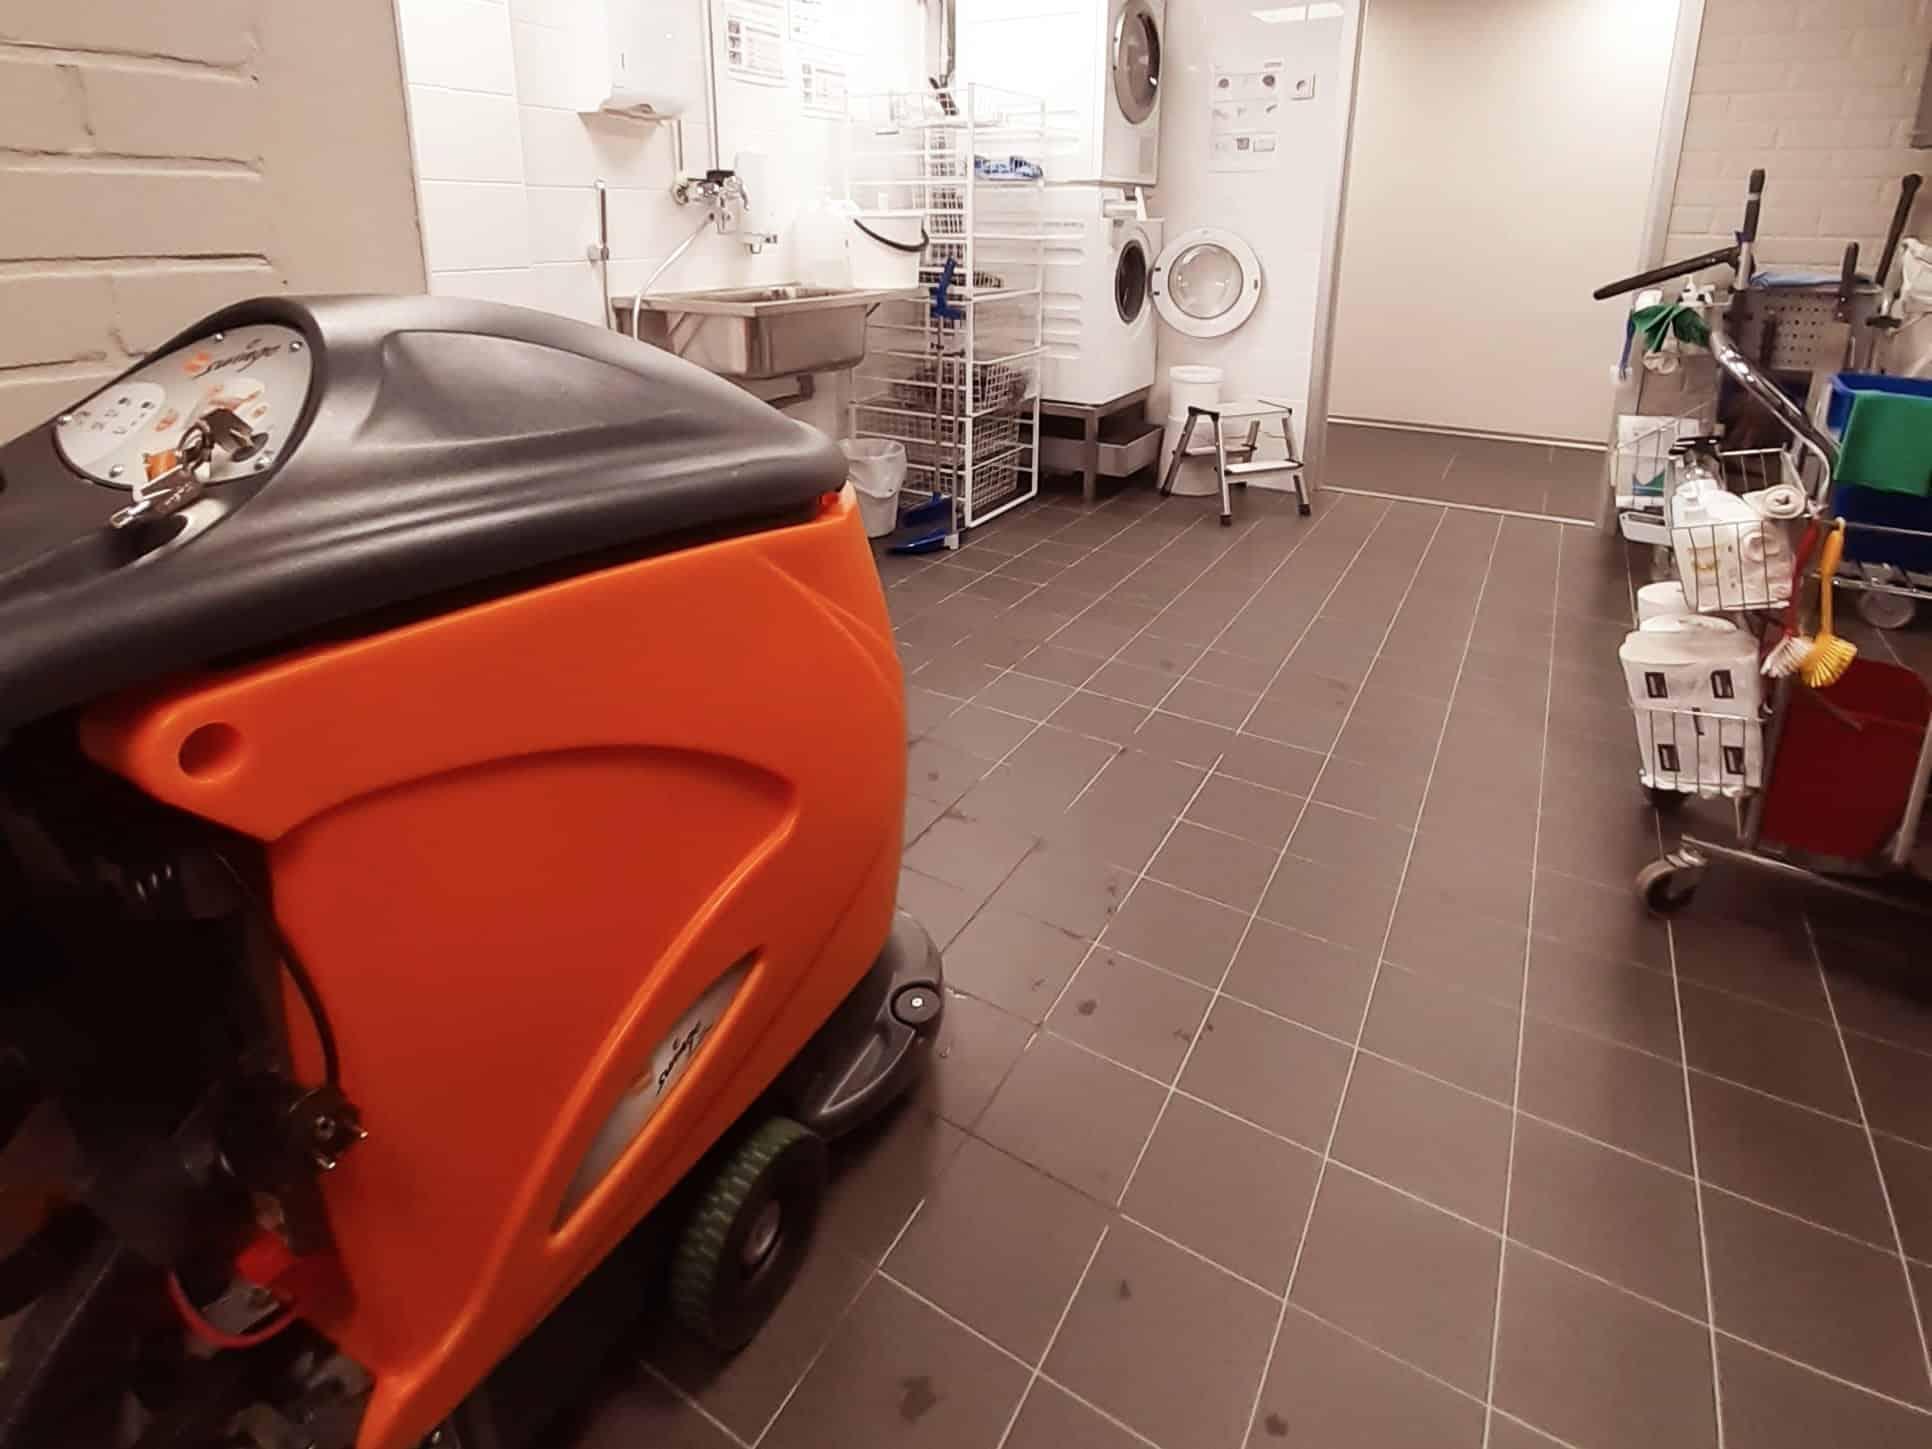 Yhdistelmäkone ja siivousvaunu siivouskeskuksessa.